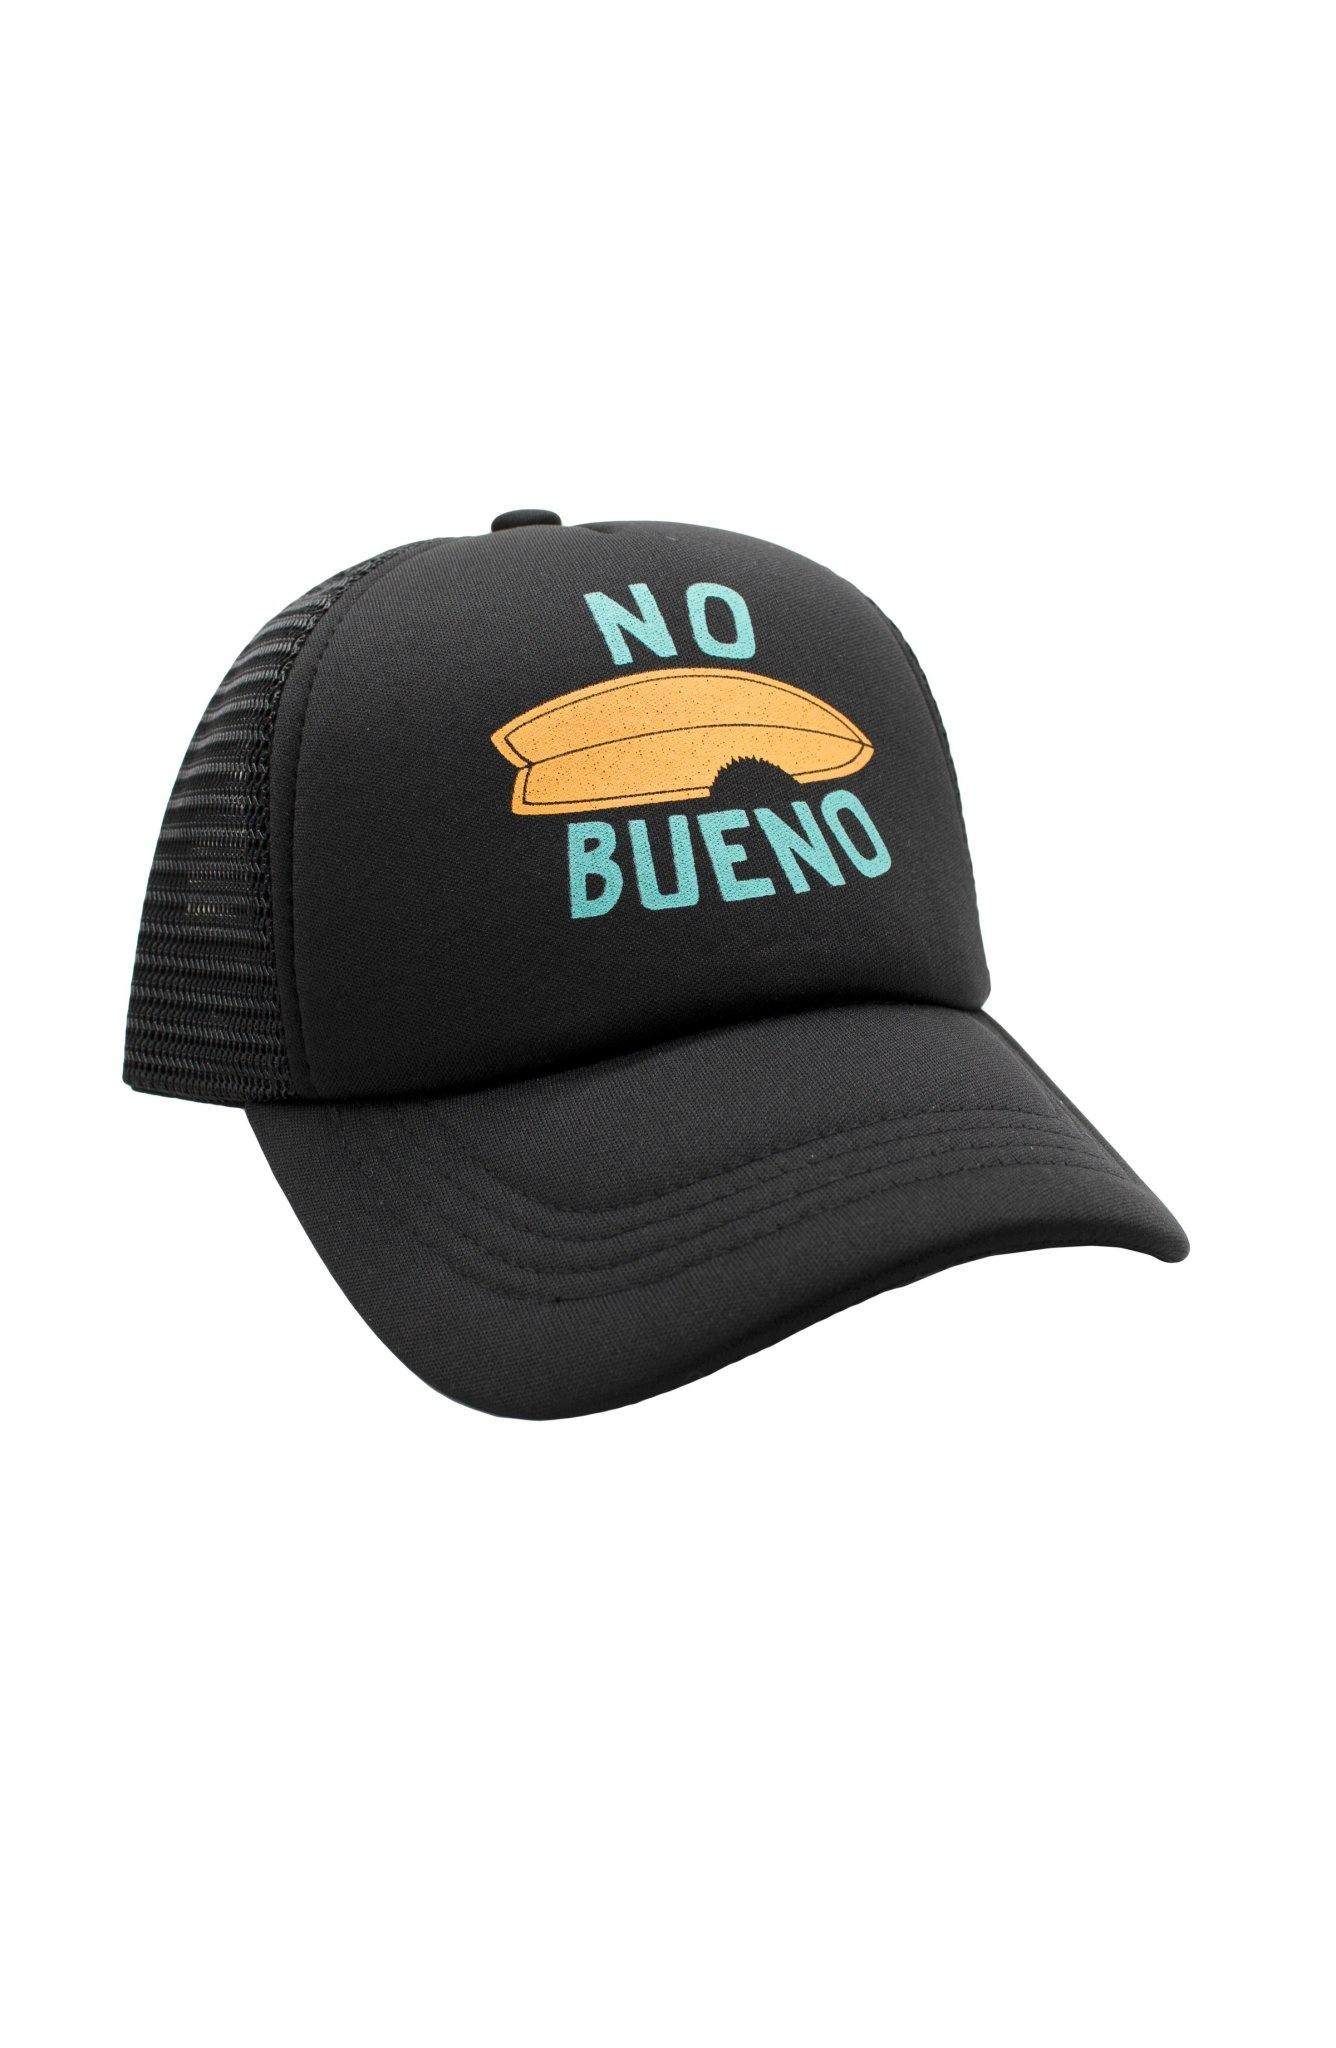 Feather 4 Arrow No Bueno Hat